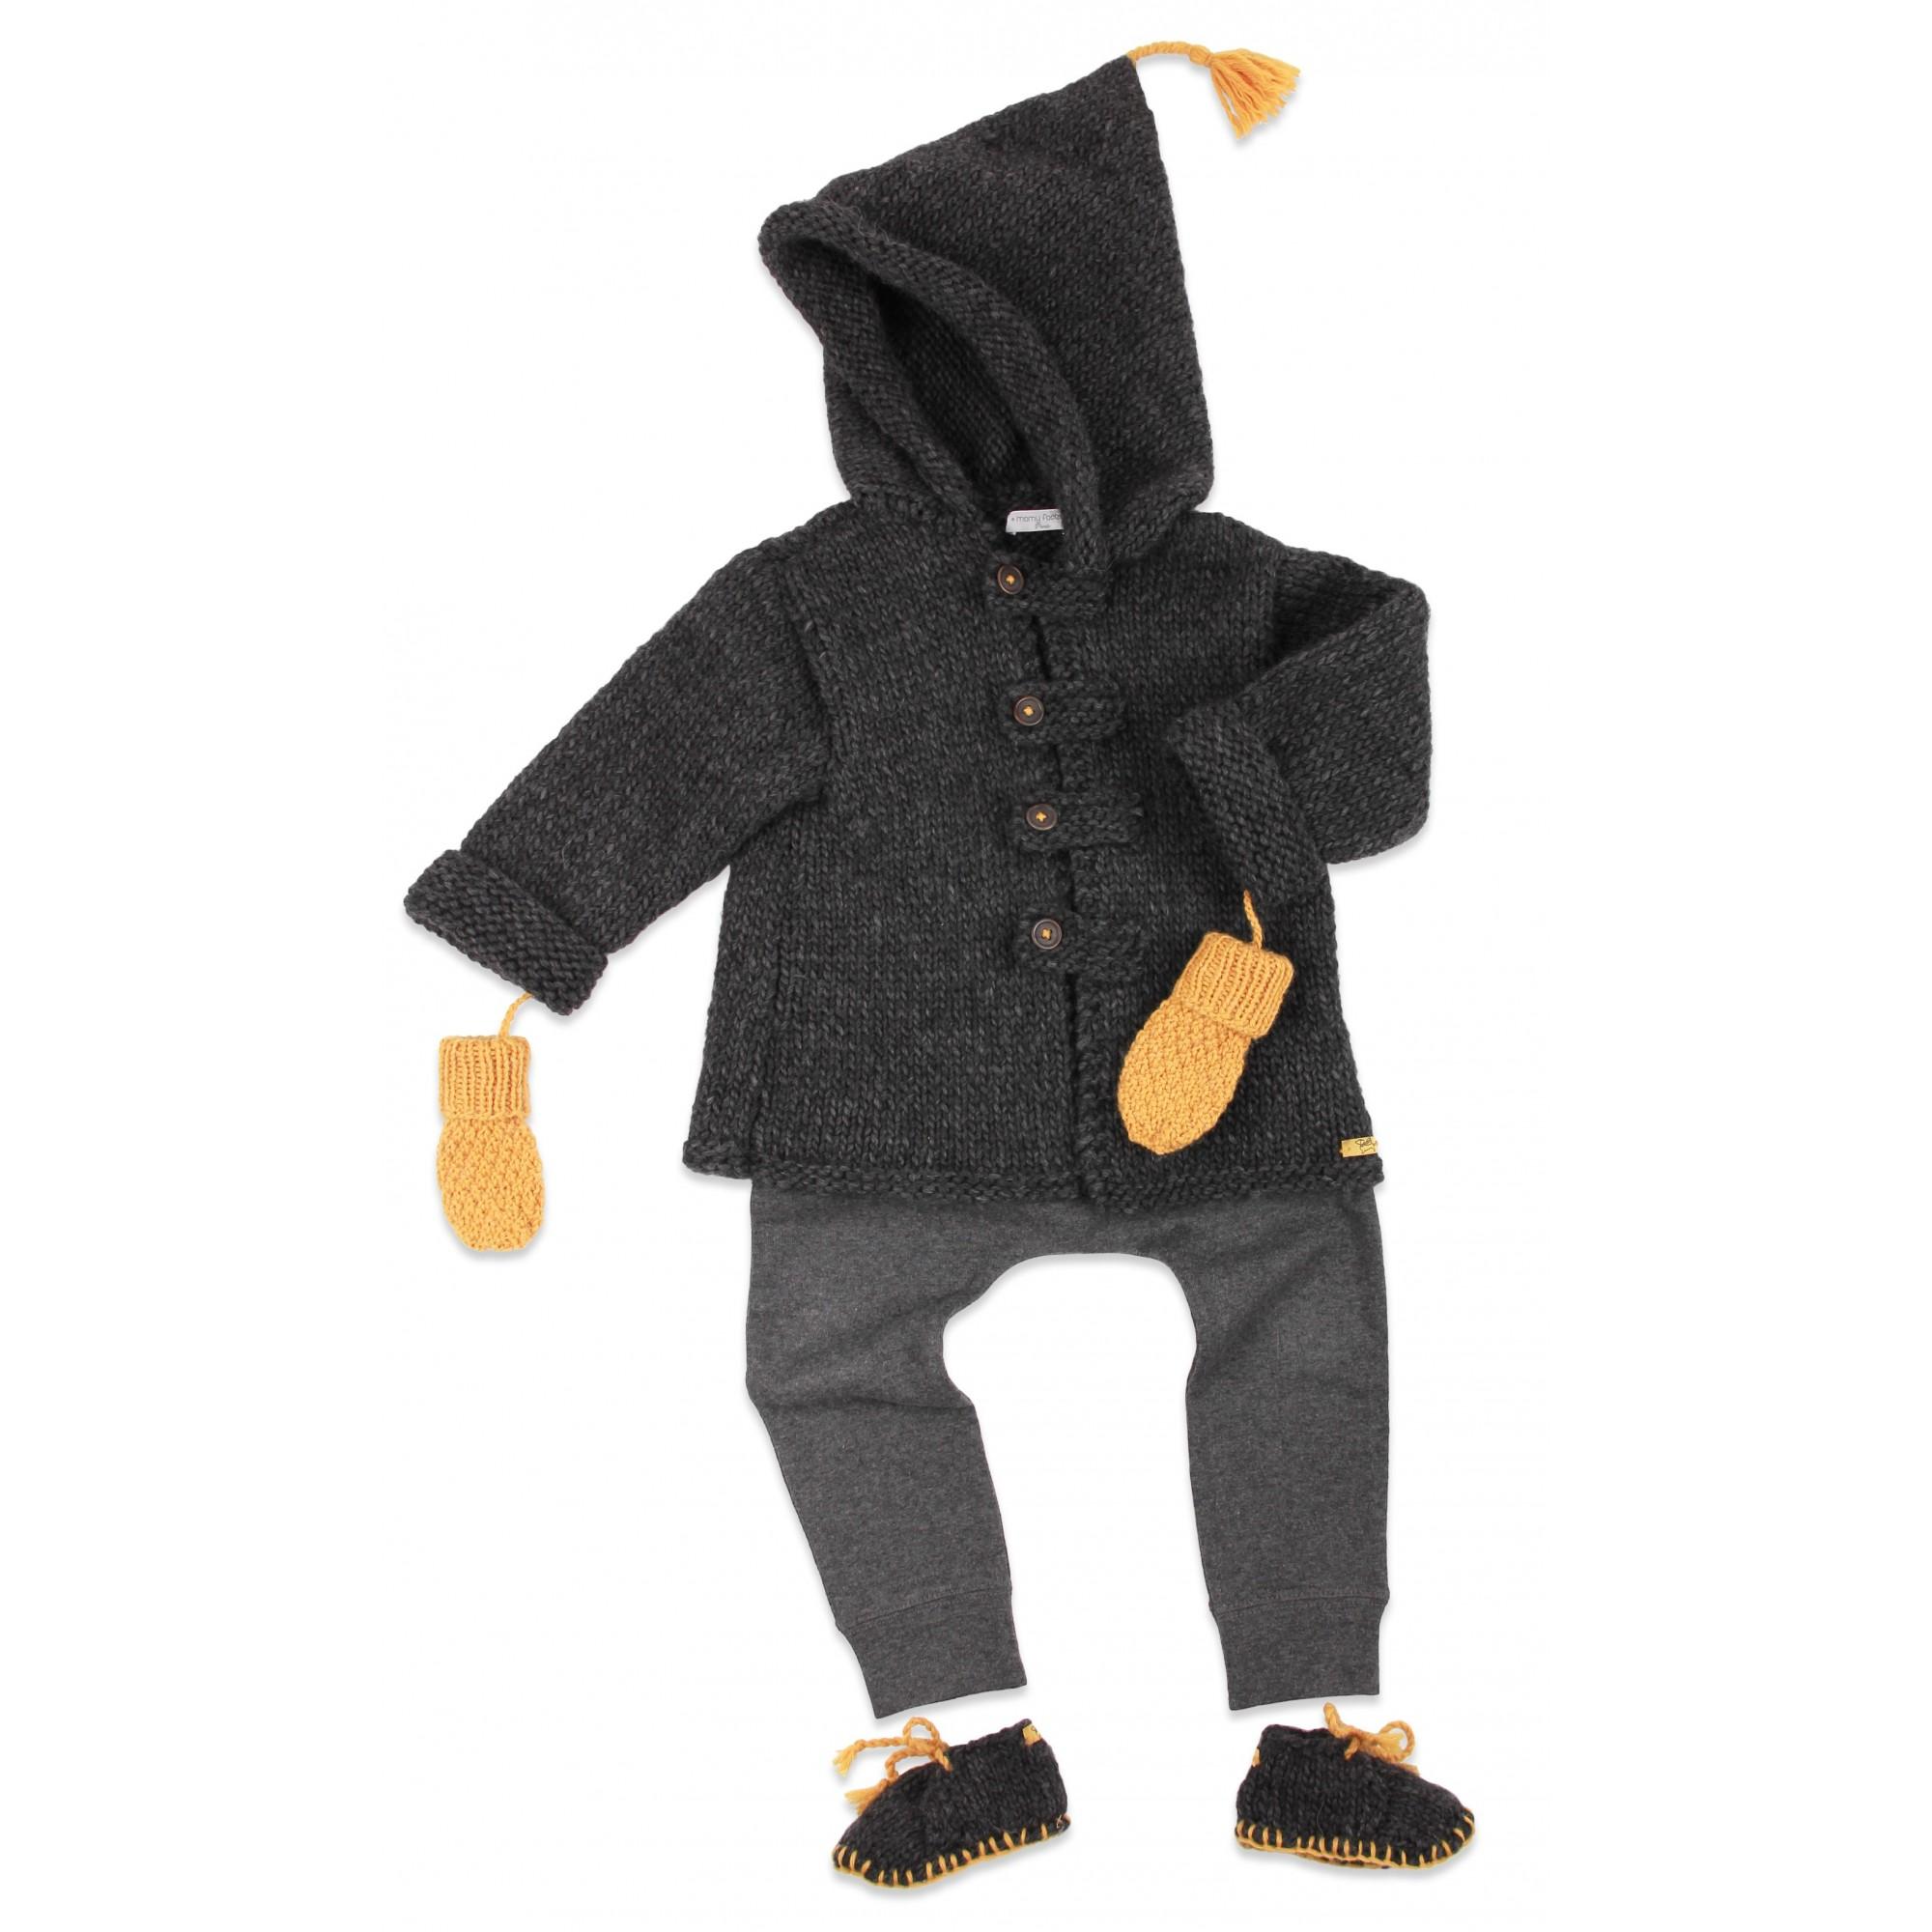 Manteau / veste bébé gris foncé, au point mousse, en laine et alpaga avec moufles, chaussons et jogging coton